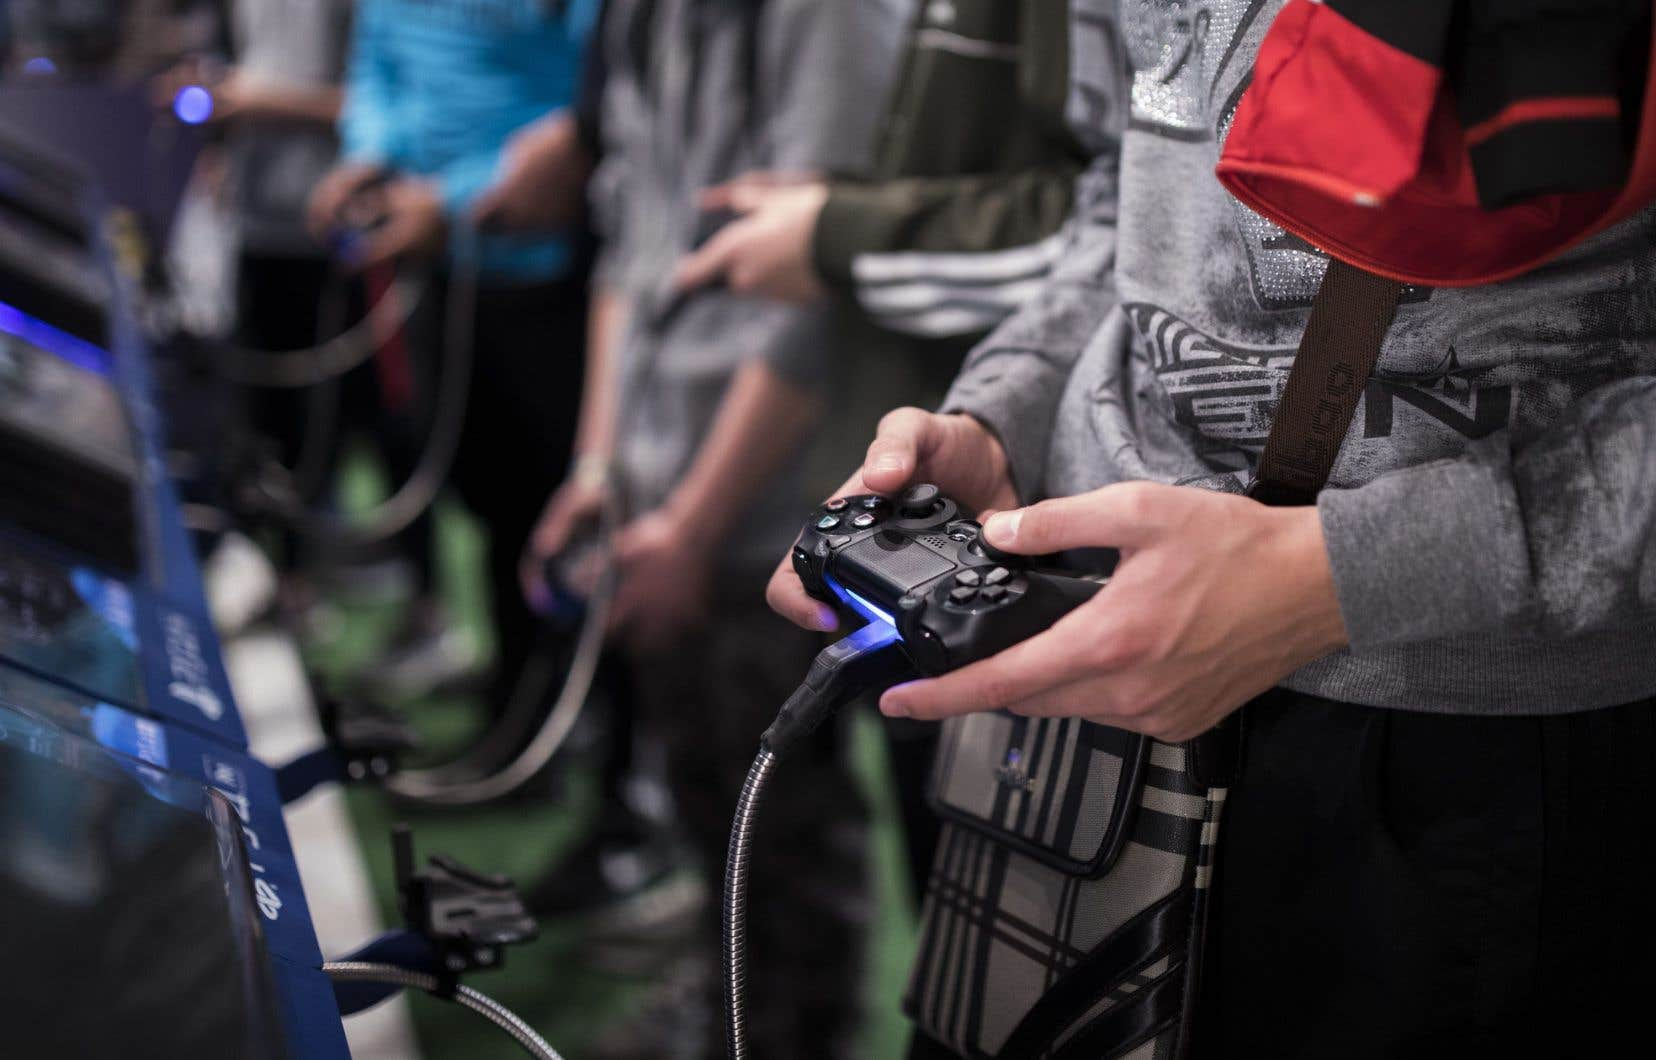 Selon l'OMS, les joueurs compulsifs sont incapables de se détacher de leur ordinateur, appareil mobile ou console de jeu, au point d'abandonner toute vie sociale et de mettre en danger leur santé.